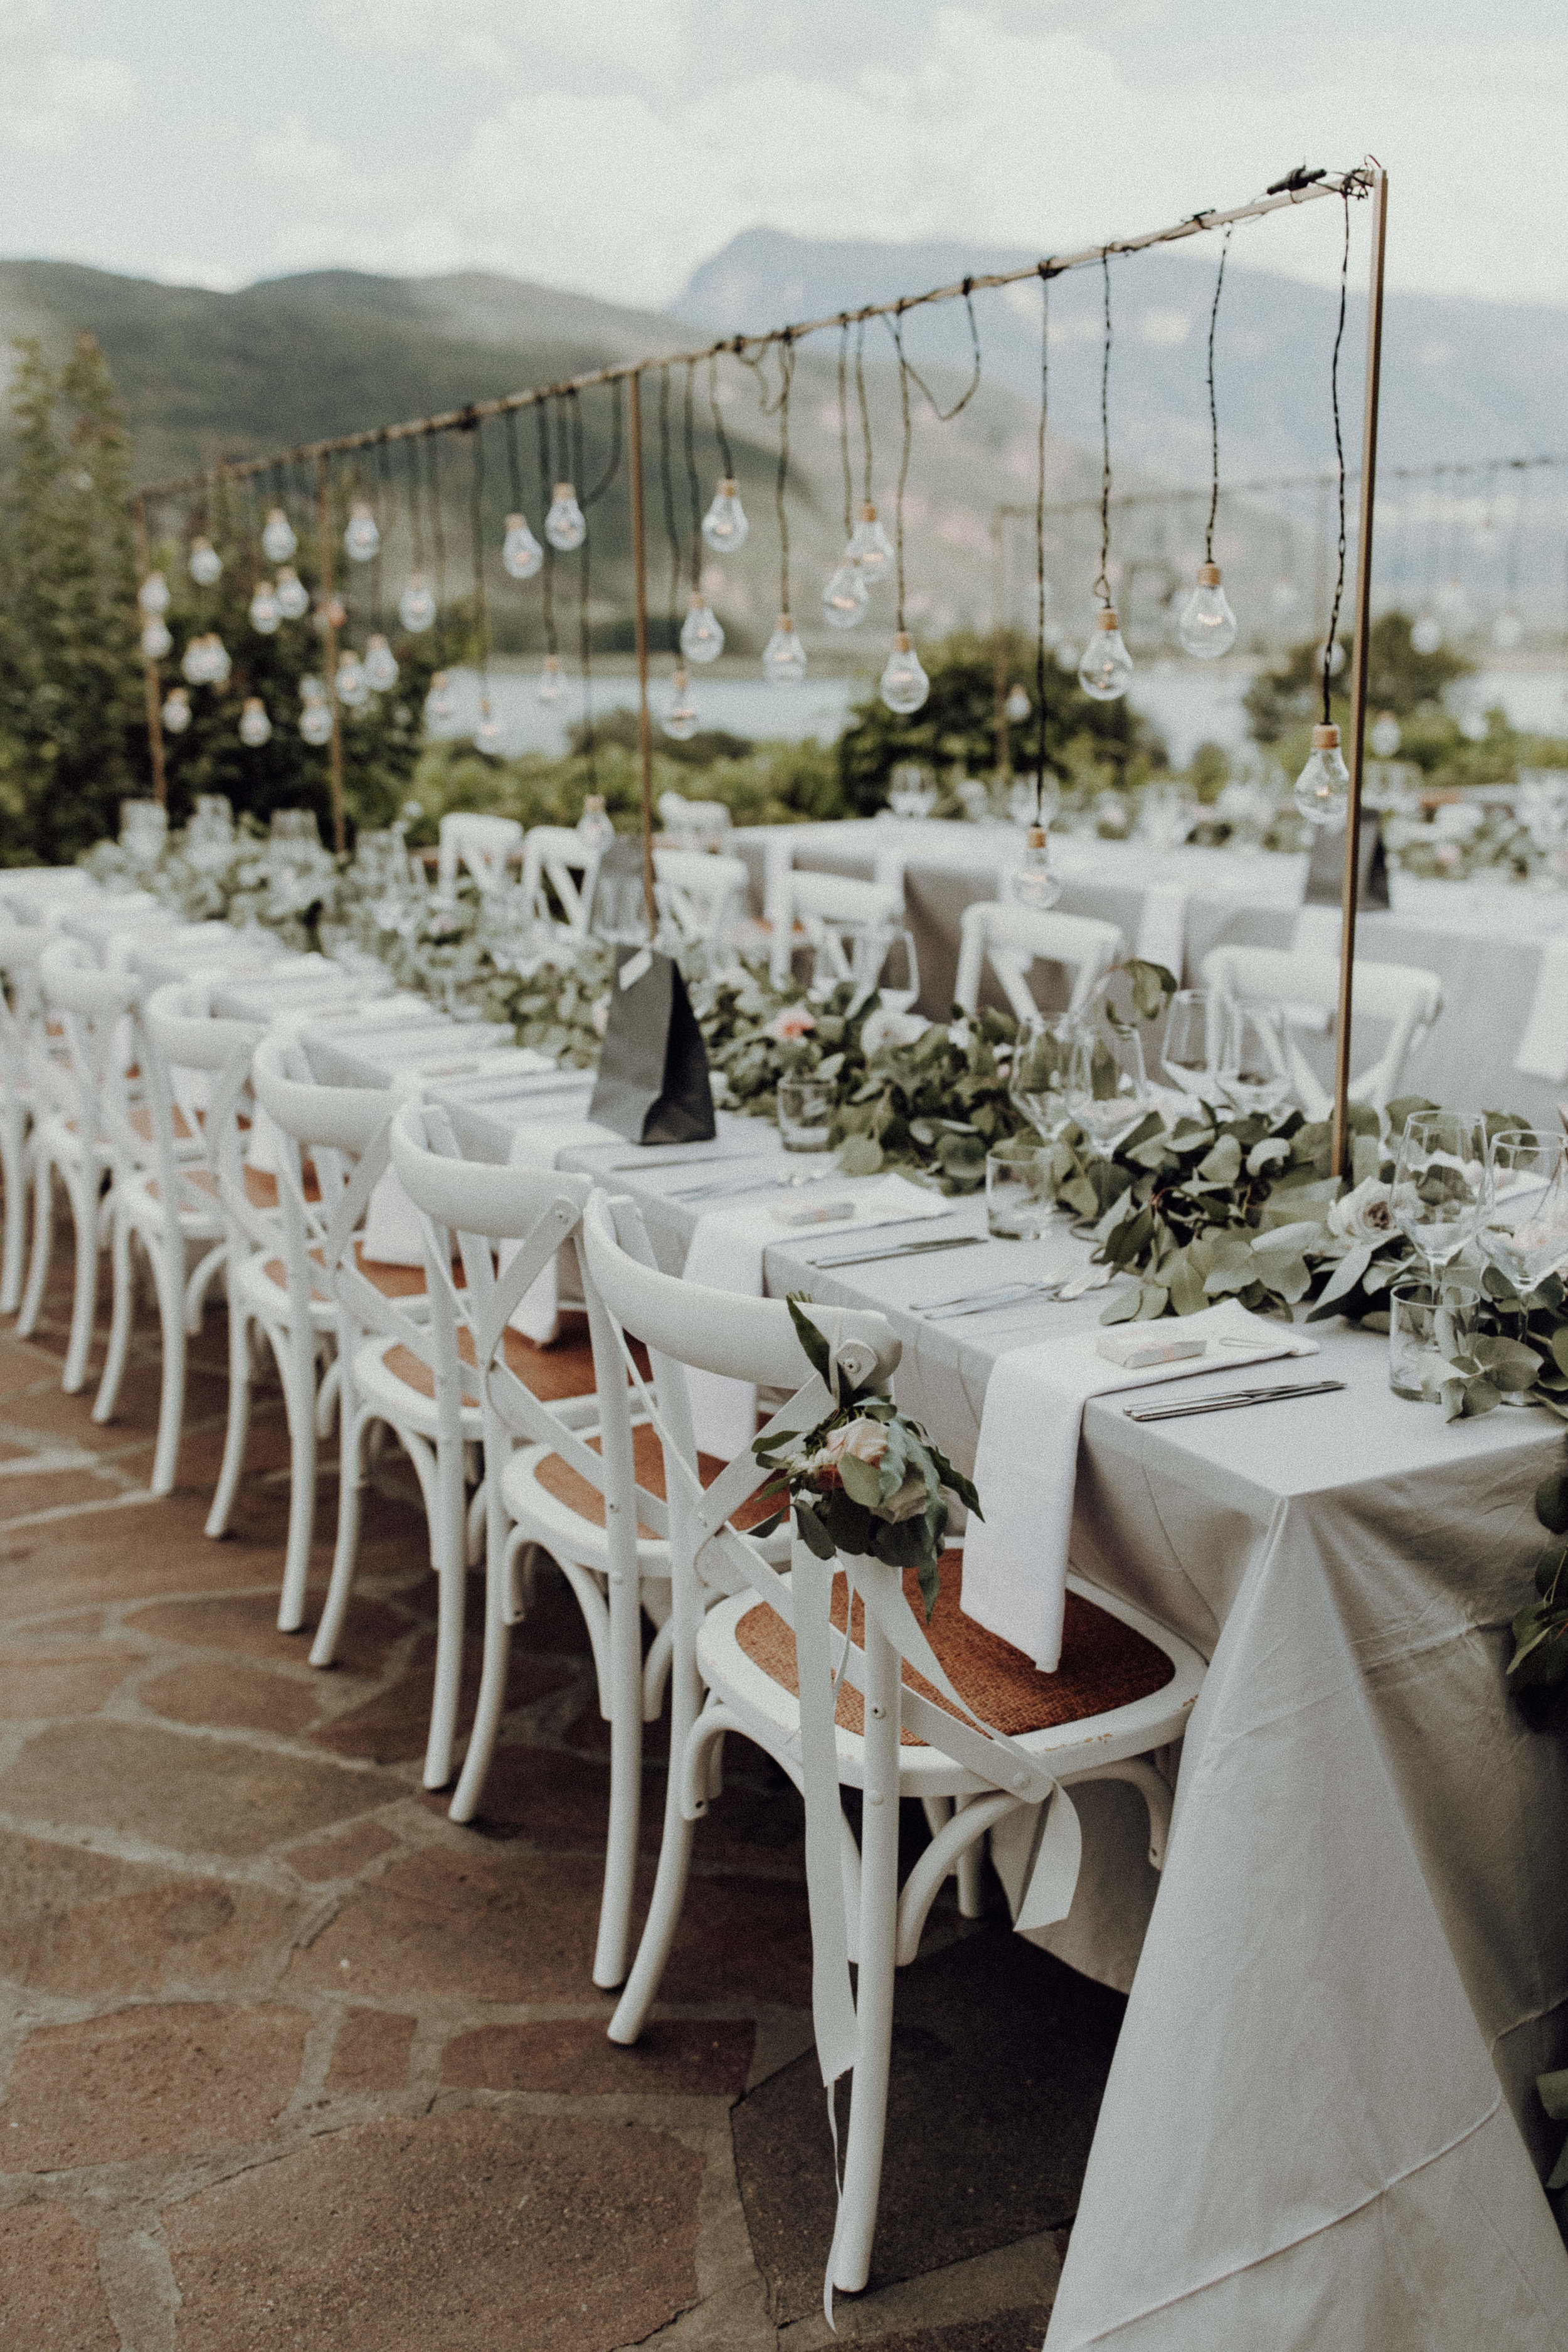 Tischdekoration Italienhochzeit Bohostyle Industrial Design Eukalyptus Crossback Chairs